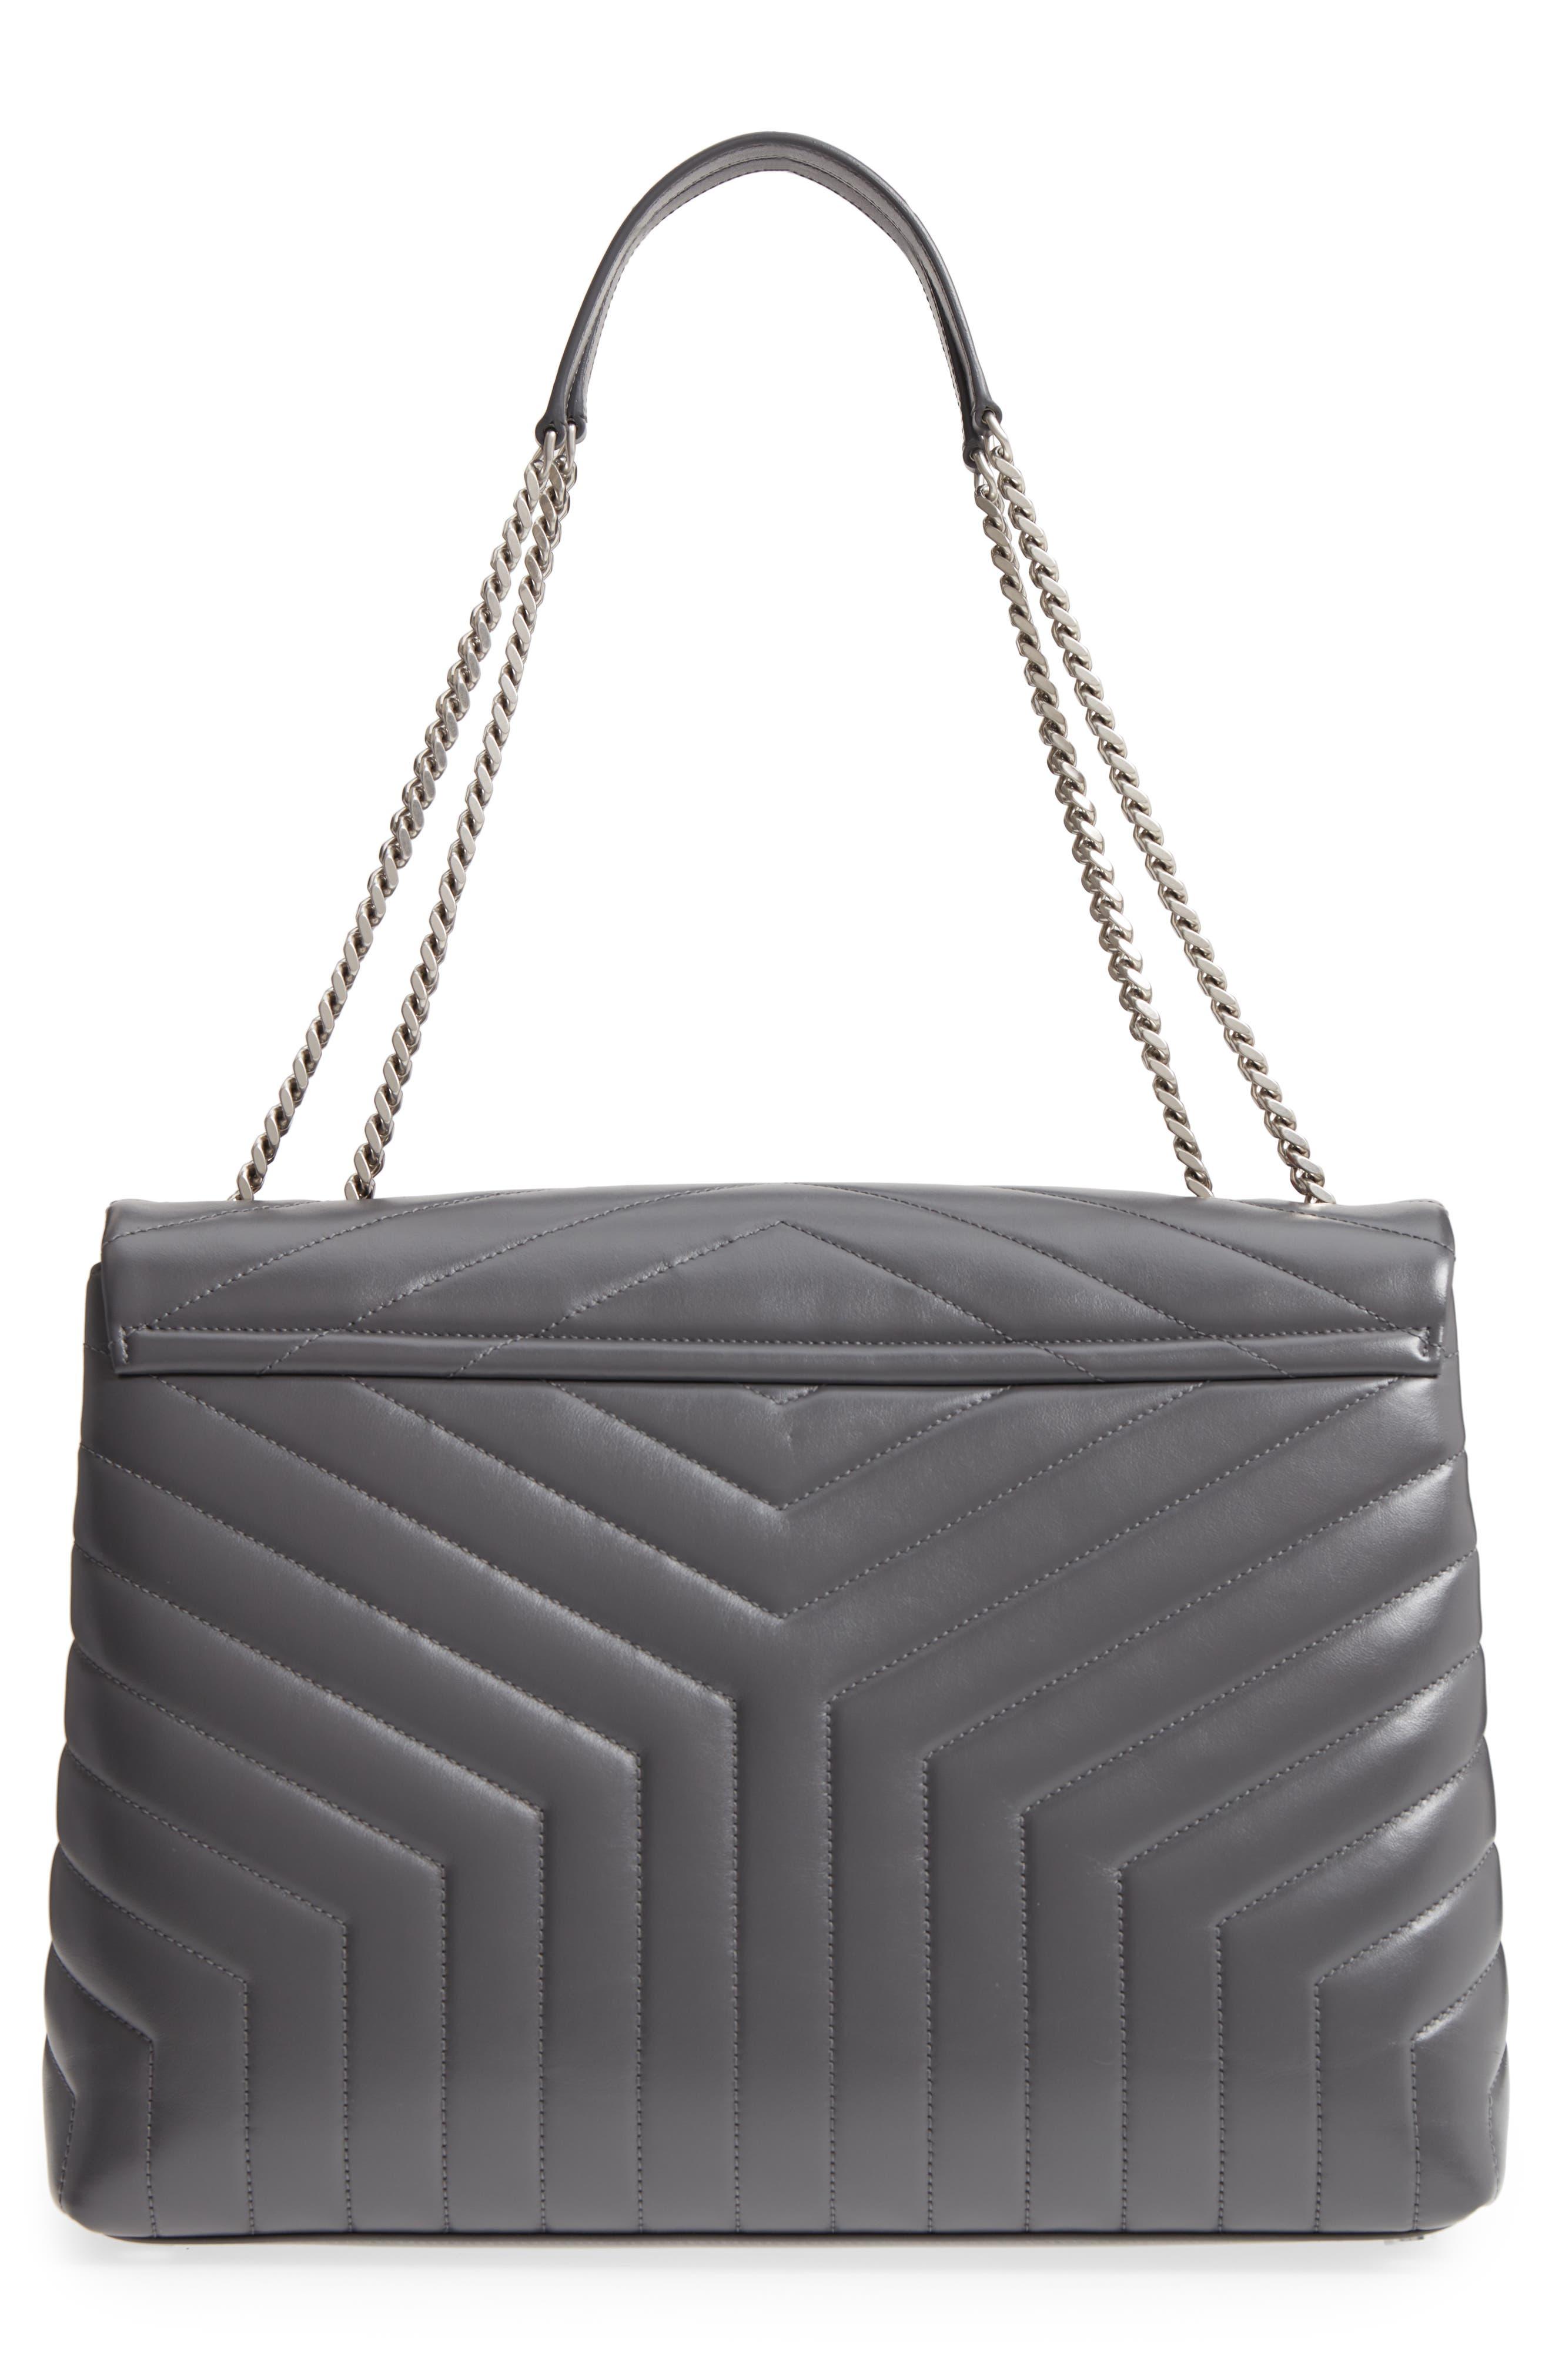 Large Loulou Matelassé Leather Shoulder Bag,                             Alternate thumbnail 3, color,                             STORM/ STORM